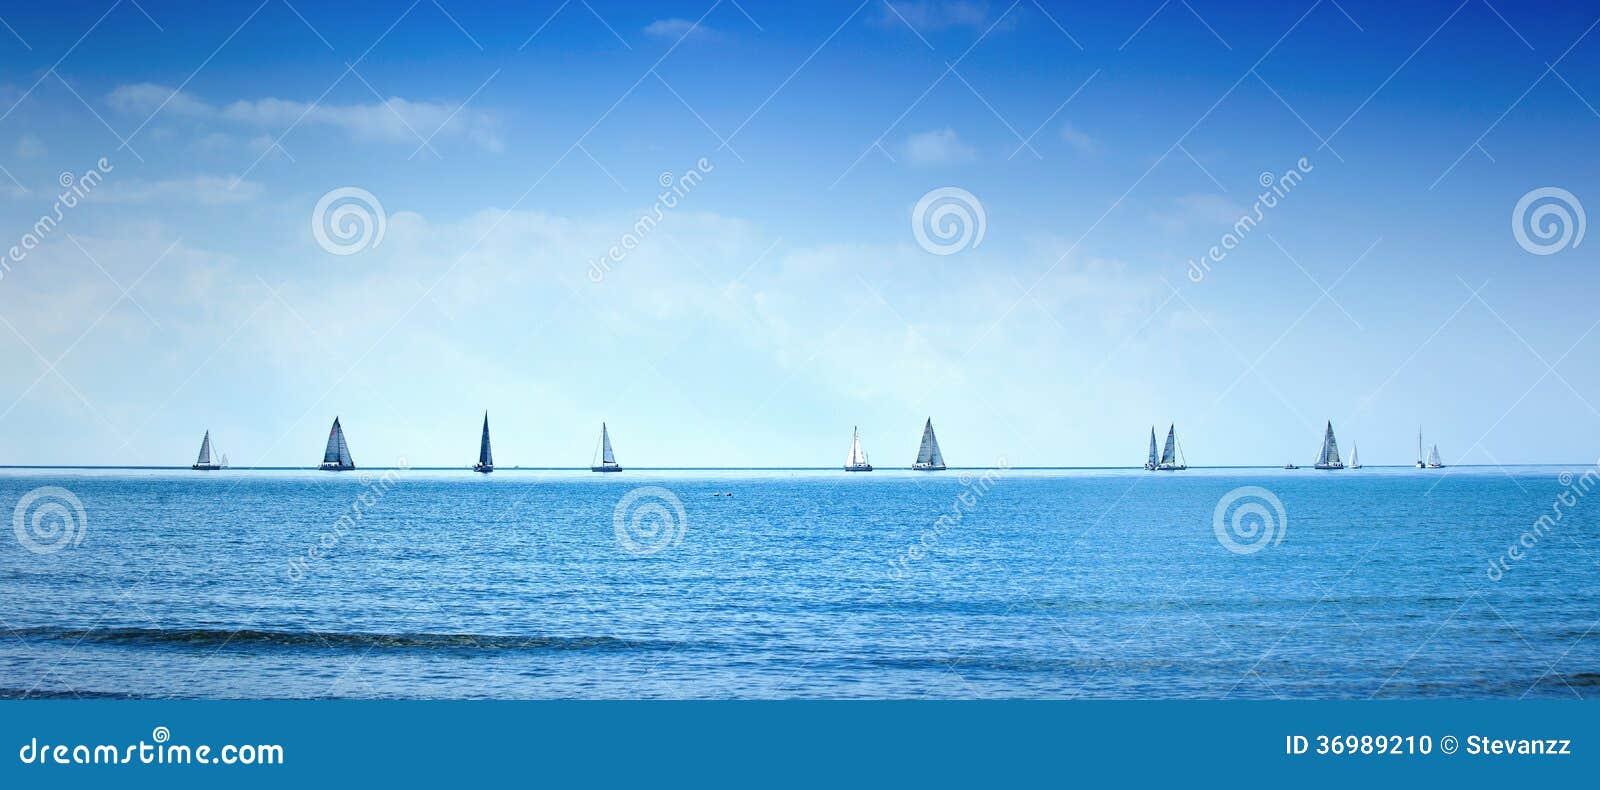 Varend de regattaras van het bootjacht op overzees of oceaanwater